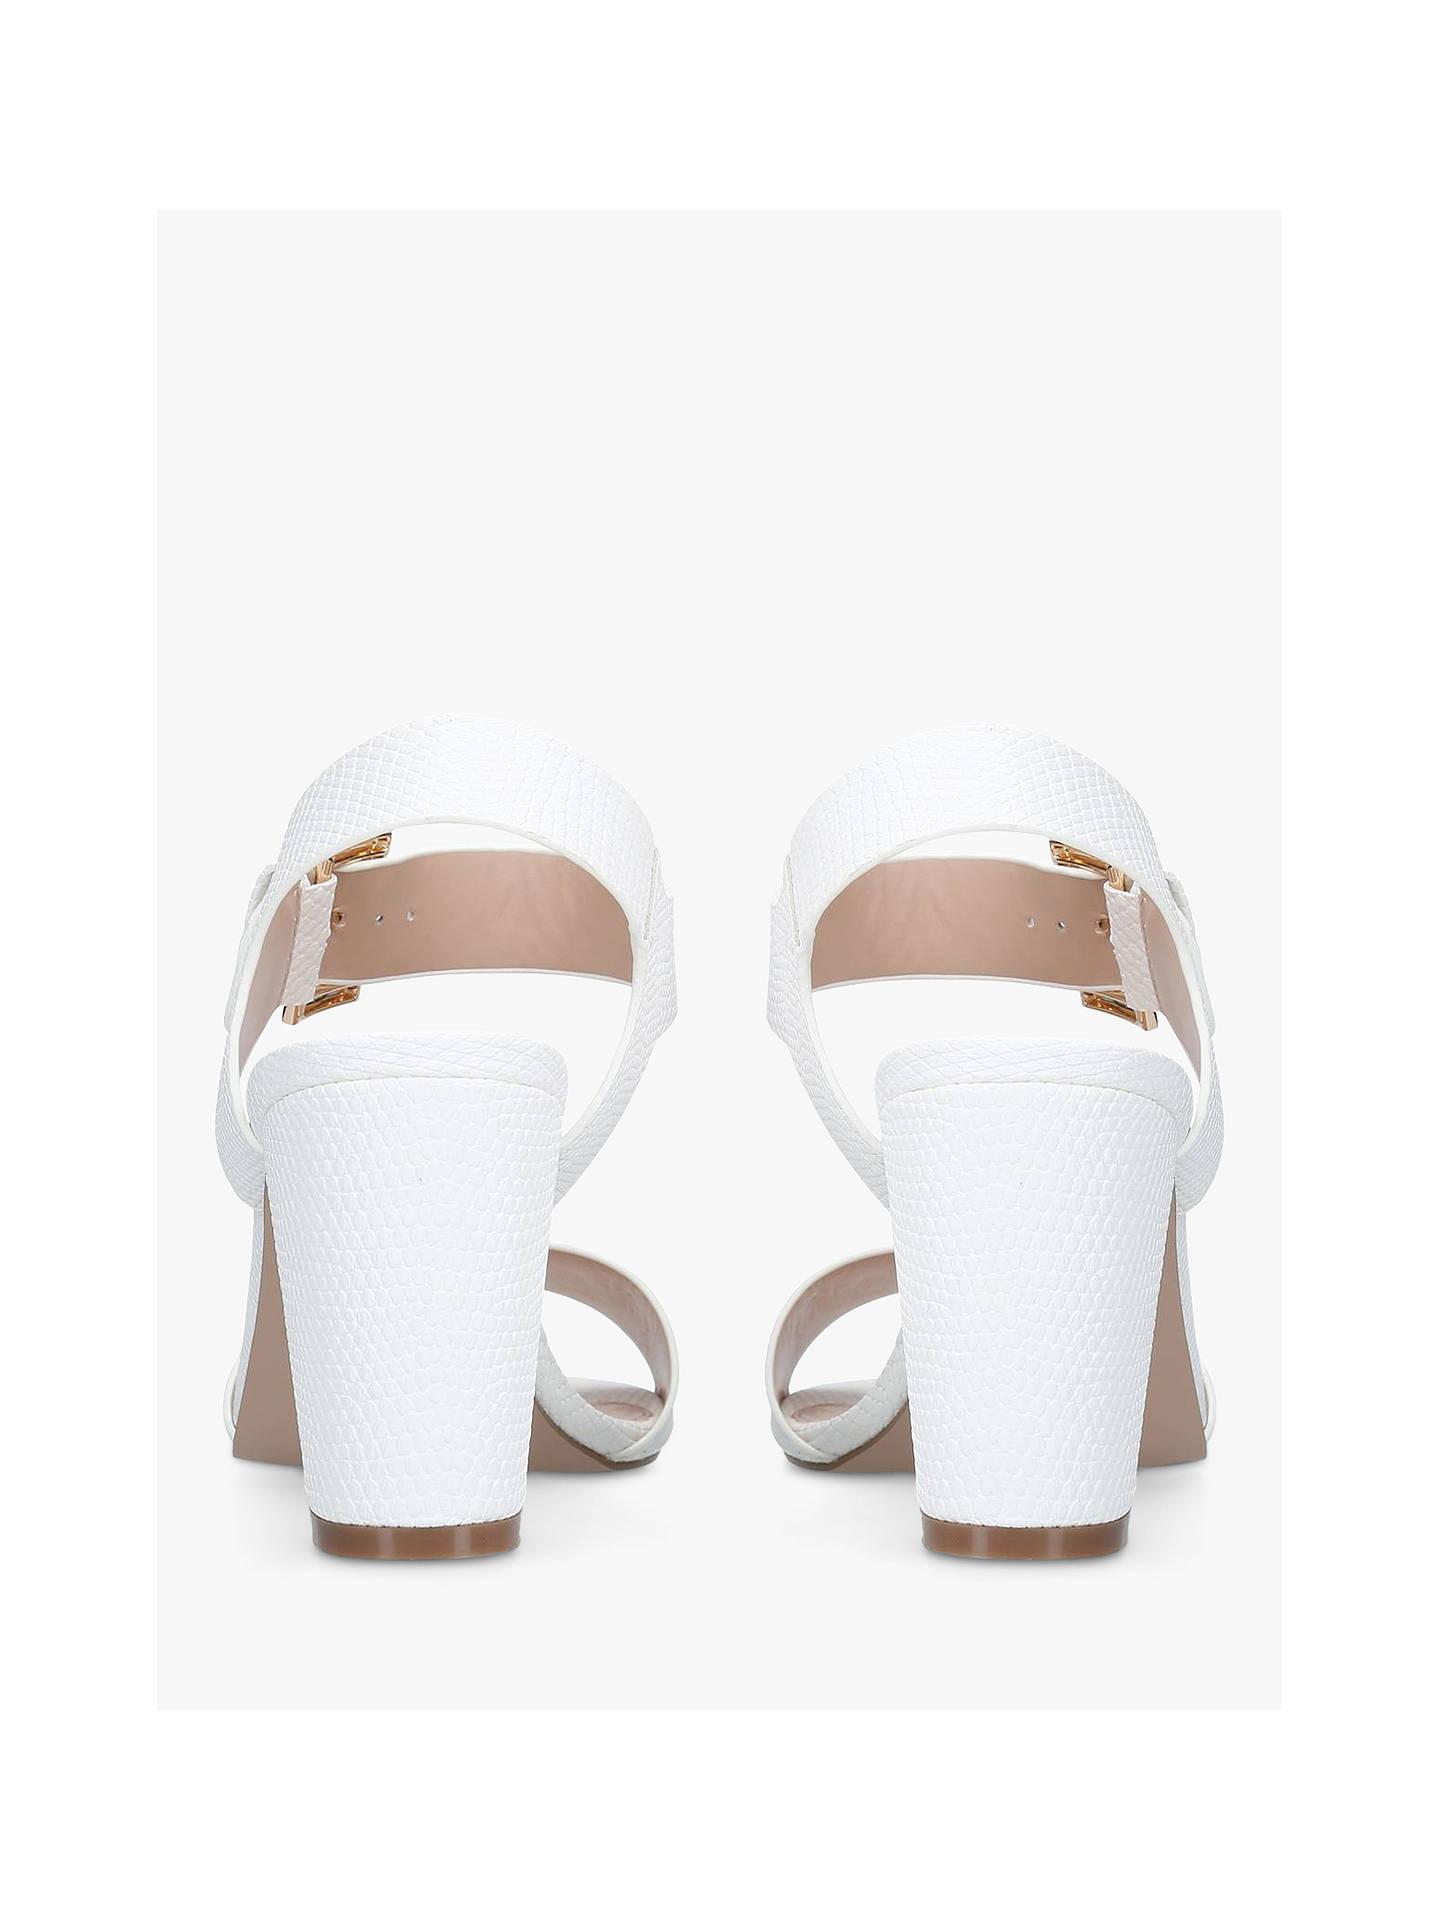 6228bddf66a Buy Carvela Sadie Block Heel Sandals